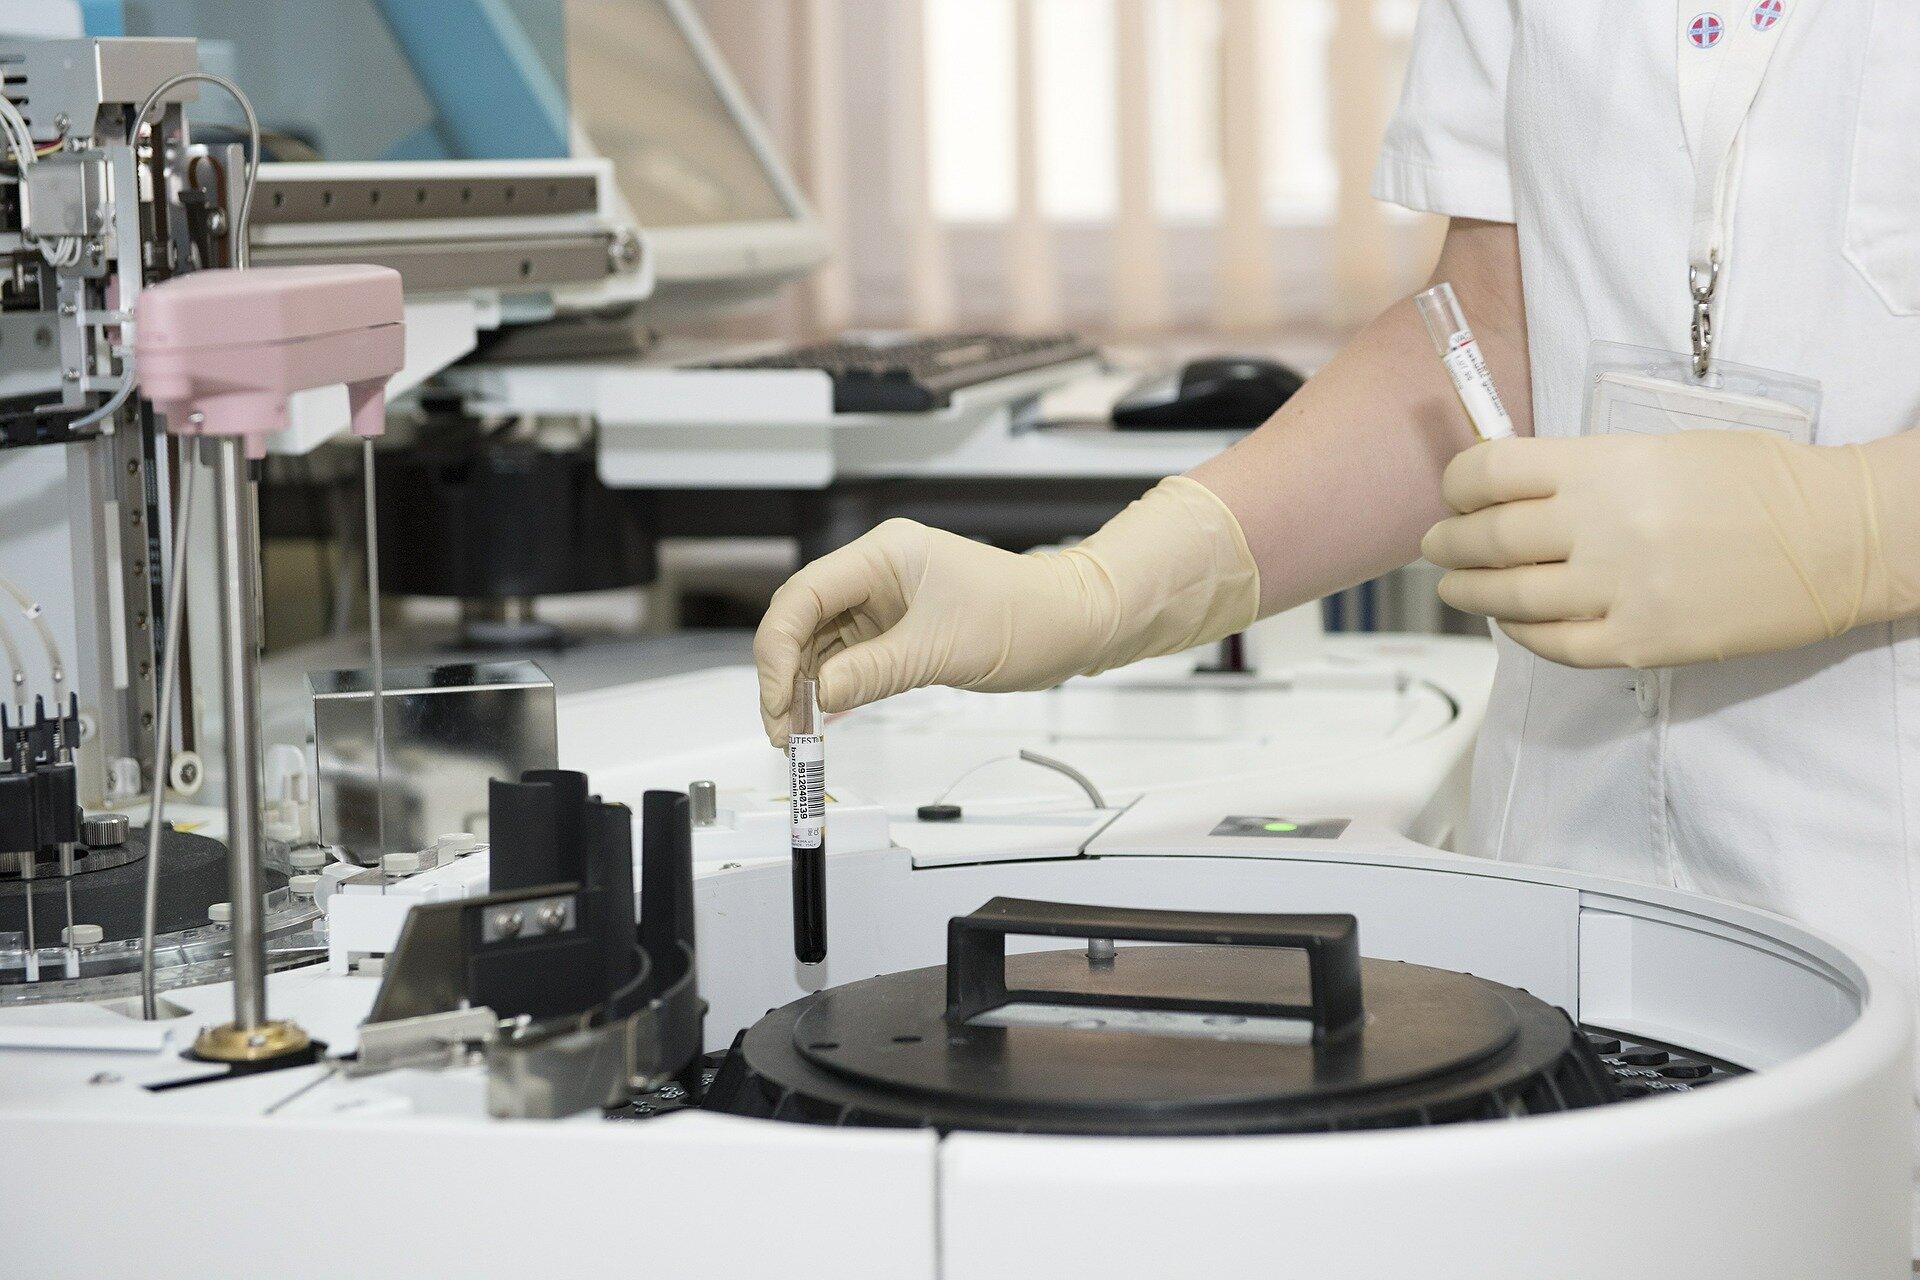 Forscher identifizieren gesundheitlichen Bedingungen wahrscheinlich zu sein falsch diagnostiziert